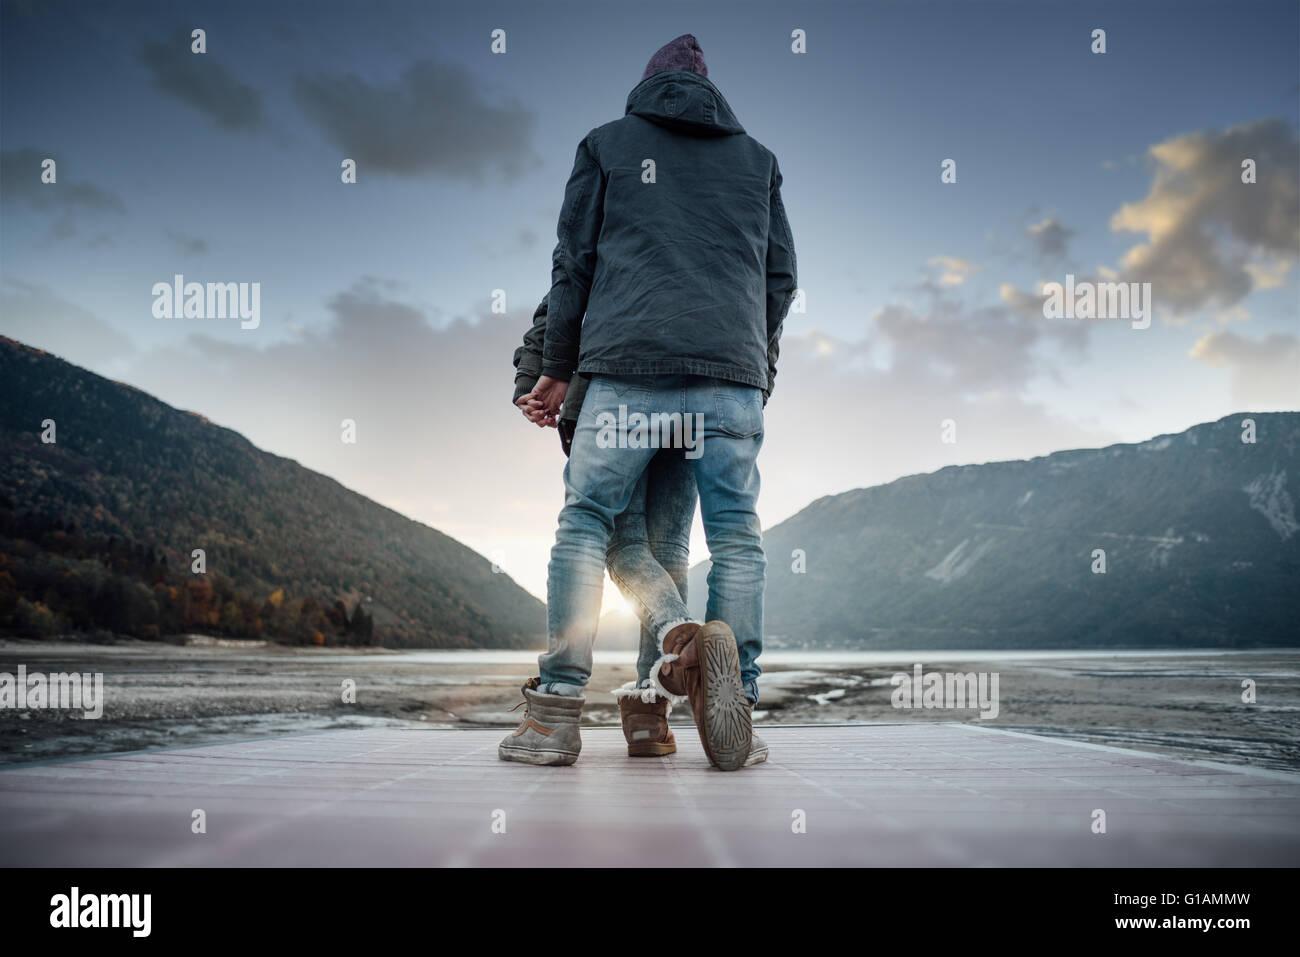 Giovane romantico amare giovane su un molo vista posteriore, paesaggio naturale sullo sfondo Immagini Stock